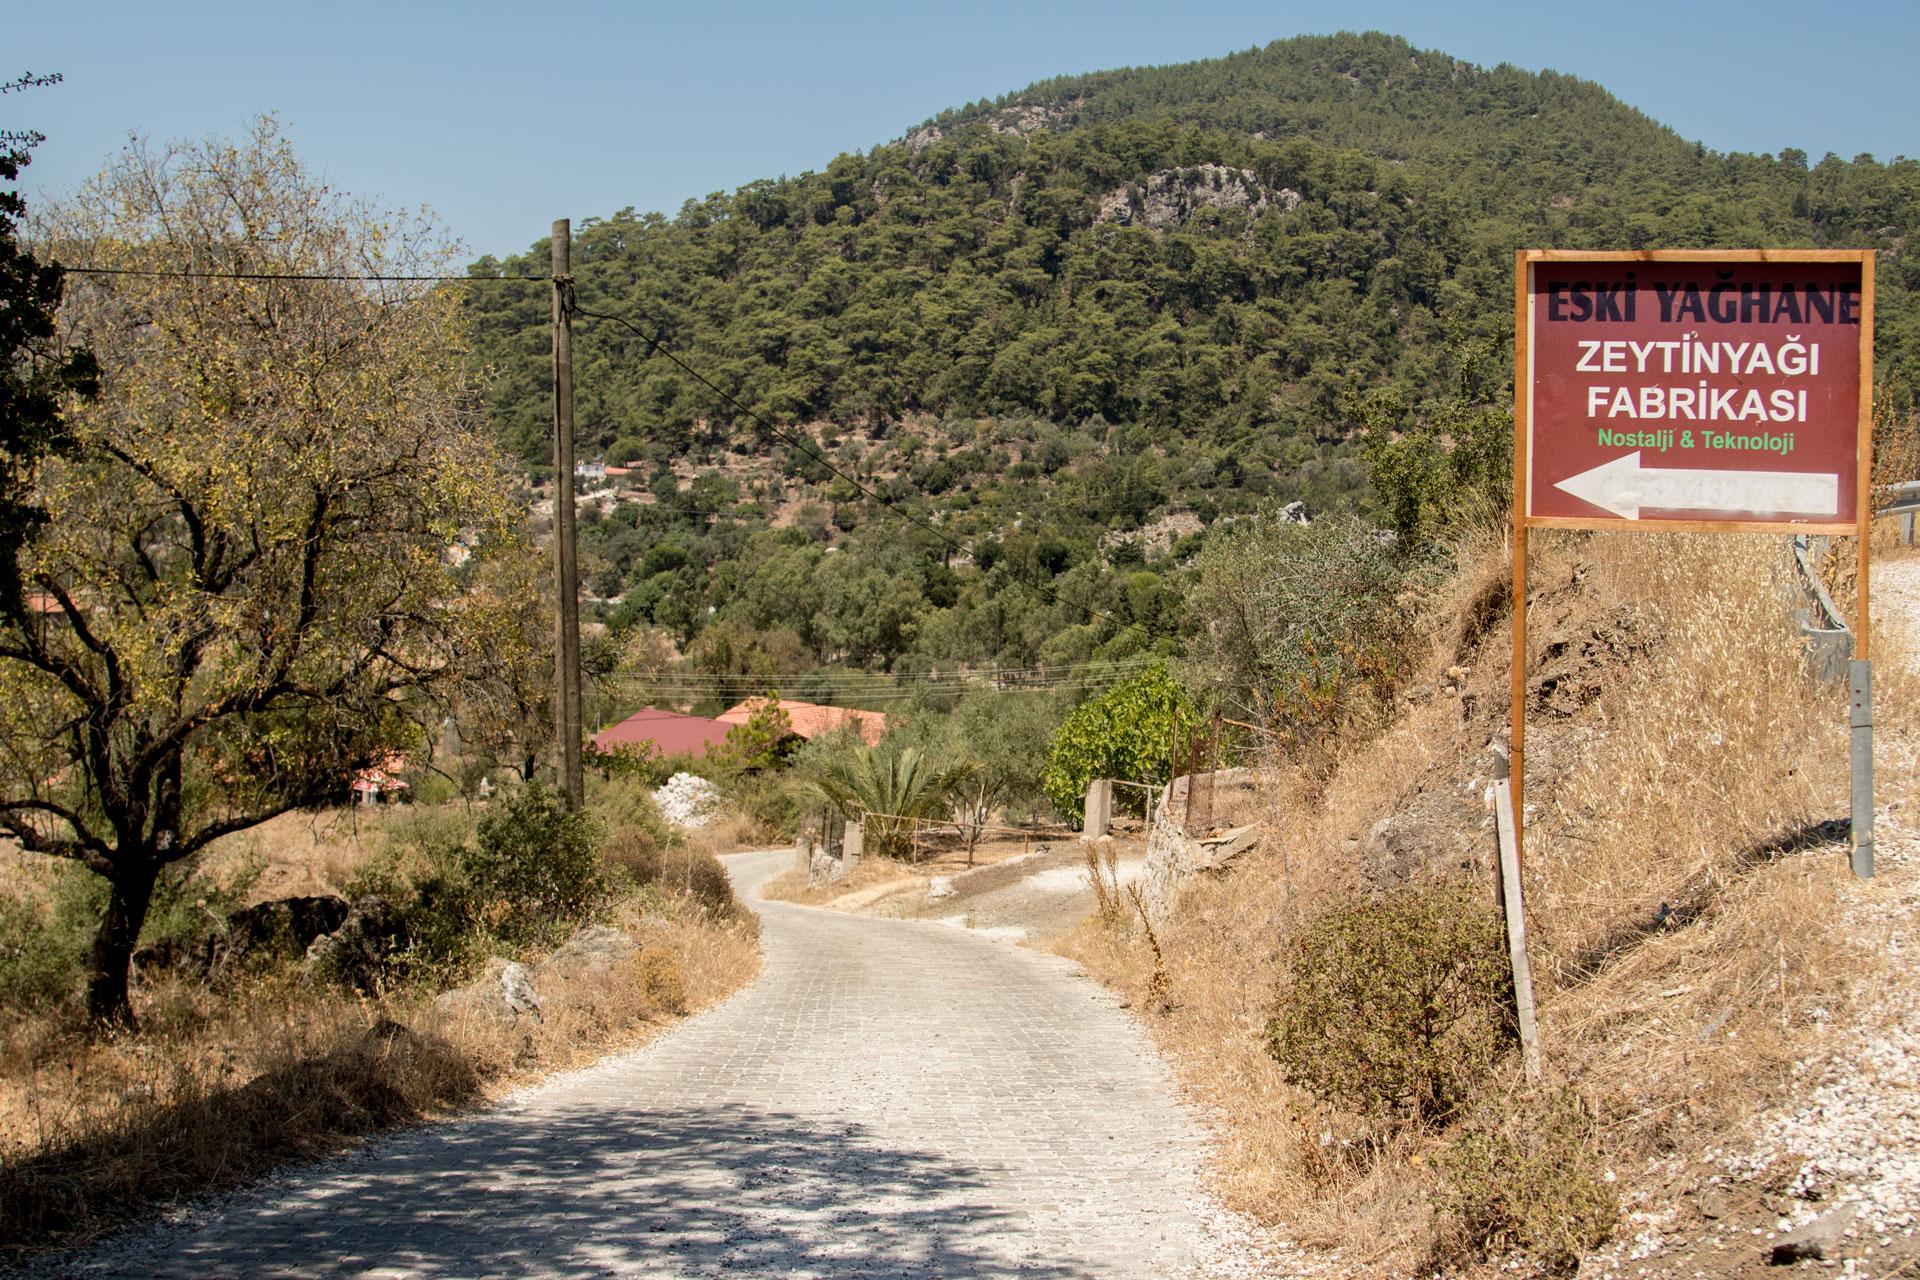 Bayır Köyü Eski Yağhane tabelası Marmaris Muğla Türkiye Çekergezer Hakan Aydın Fotoğrafları Gezgin Fotoğrafçı